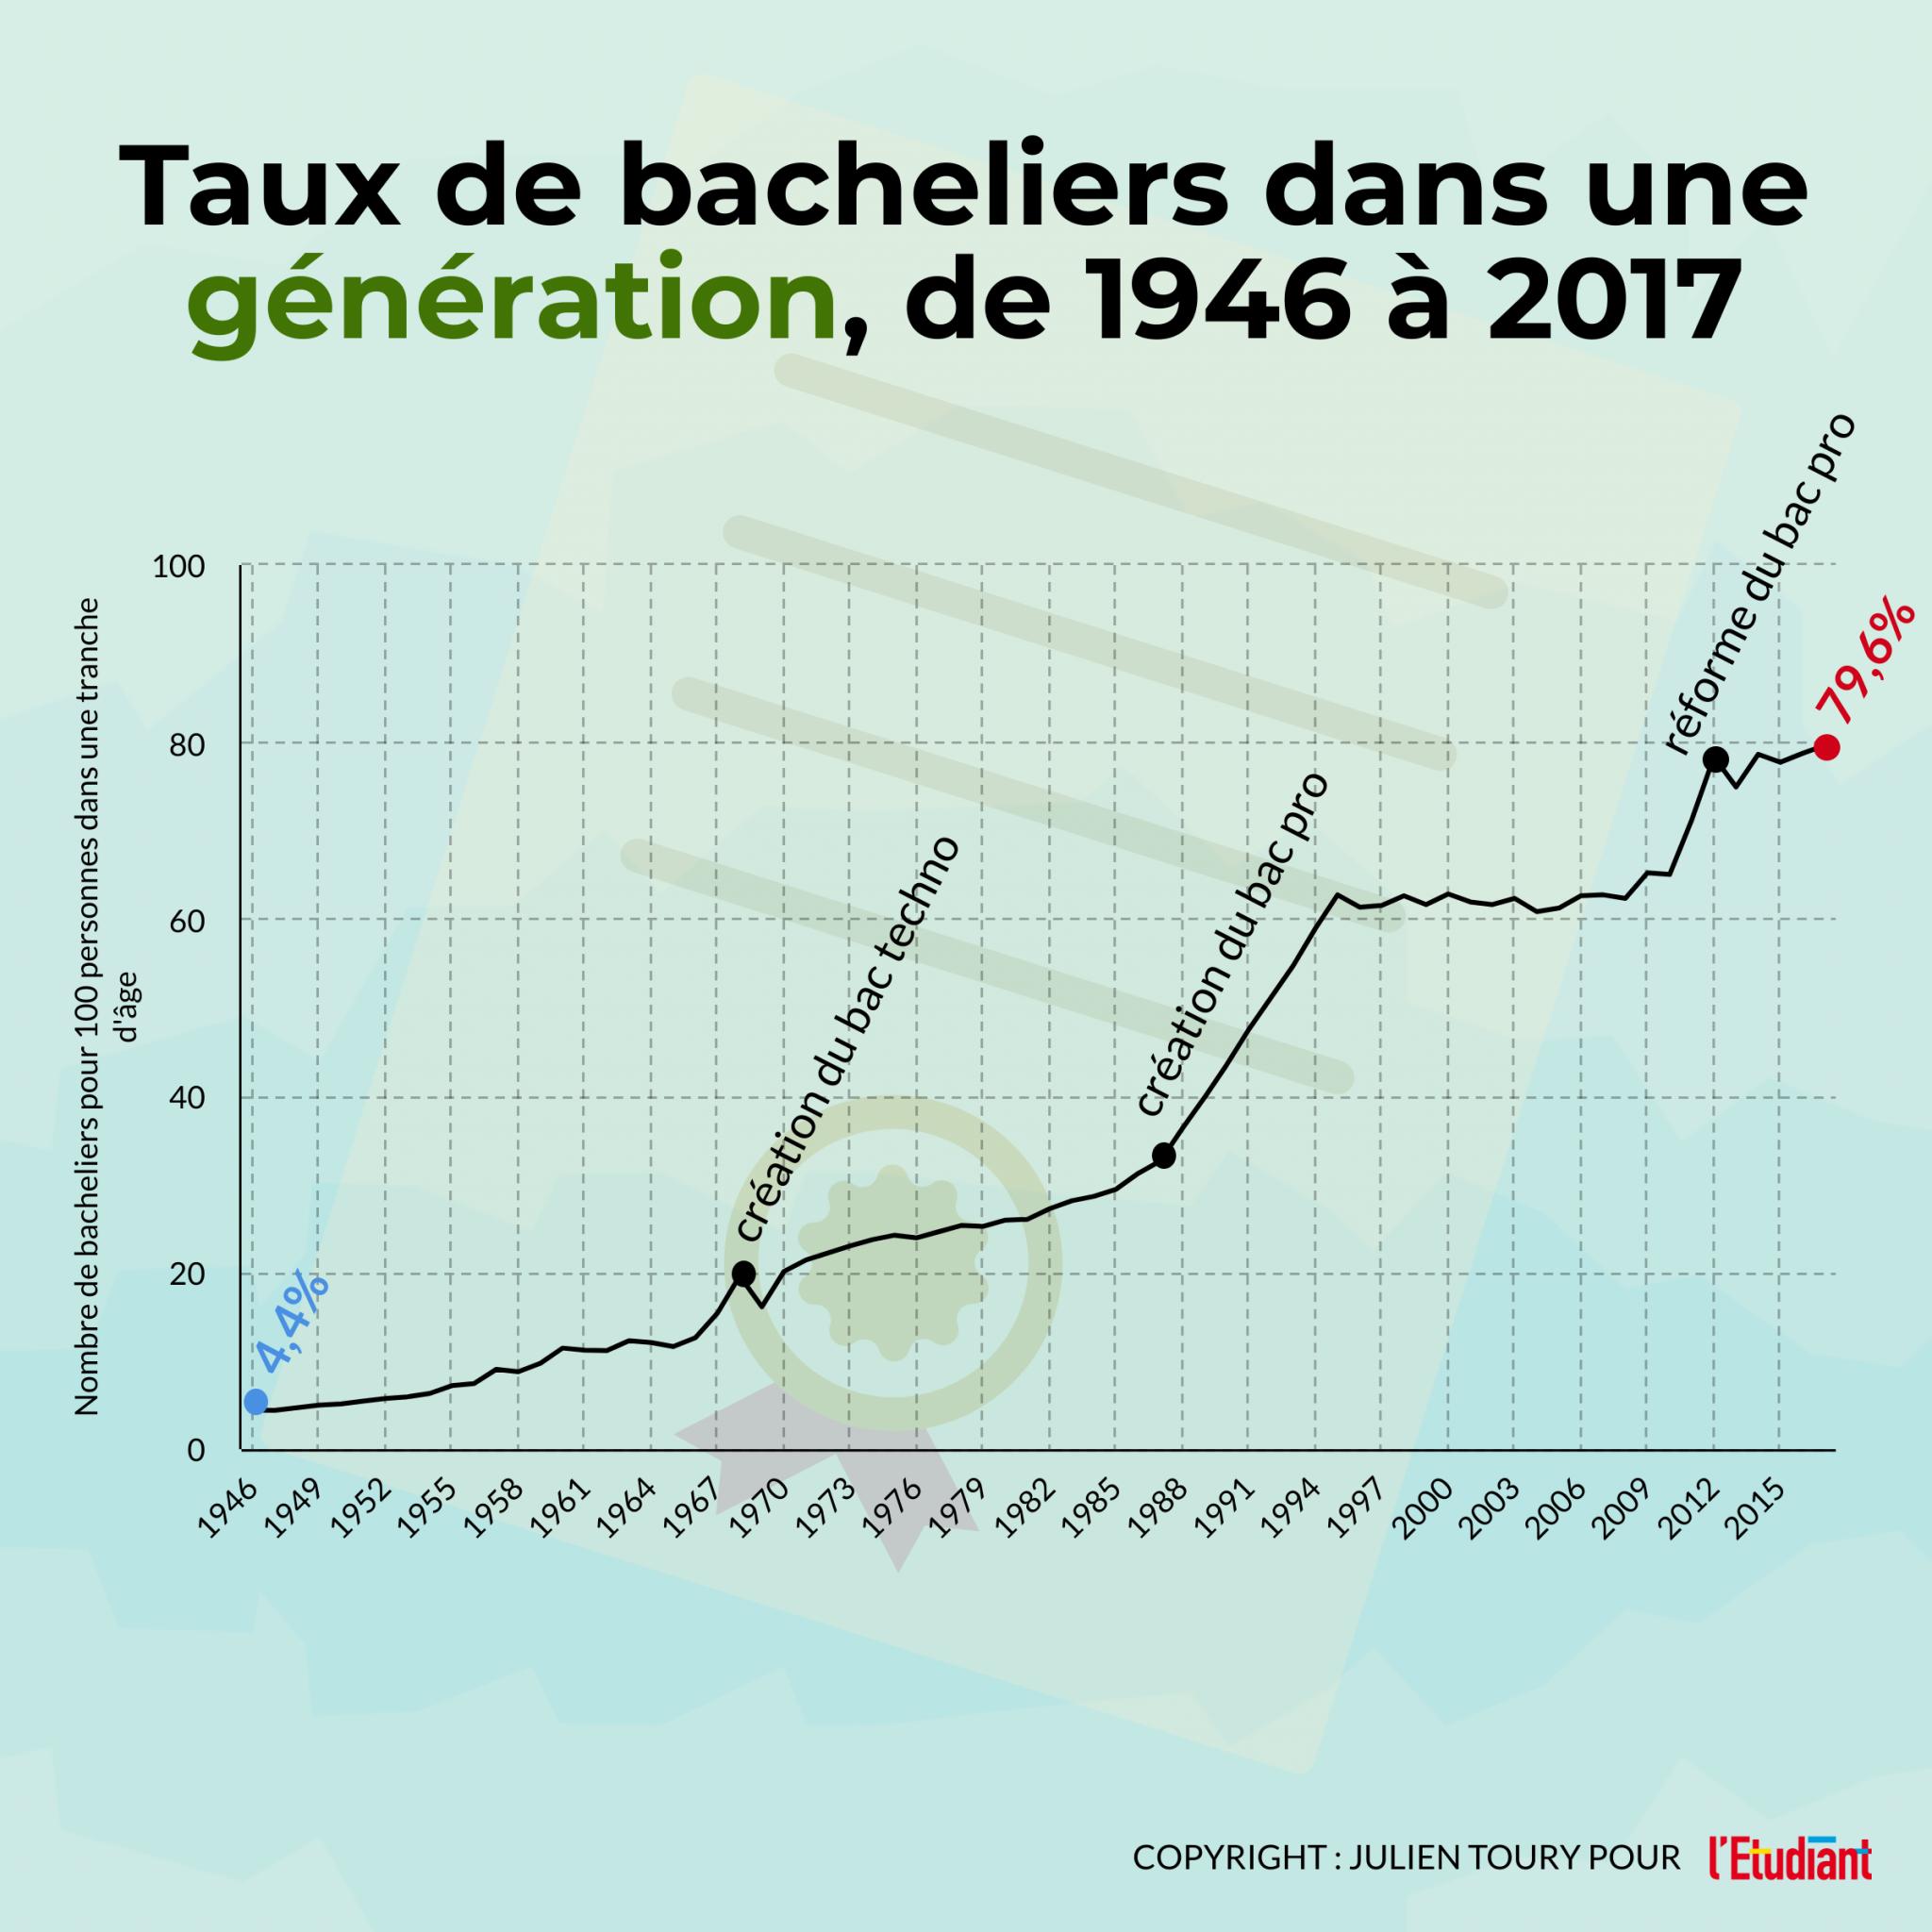 Taux bacheliers sur une génération depuis 1946